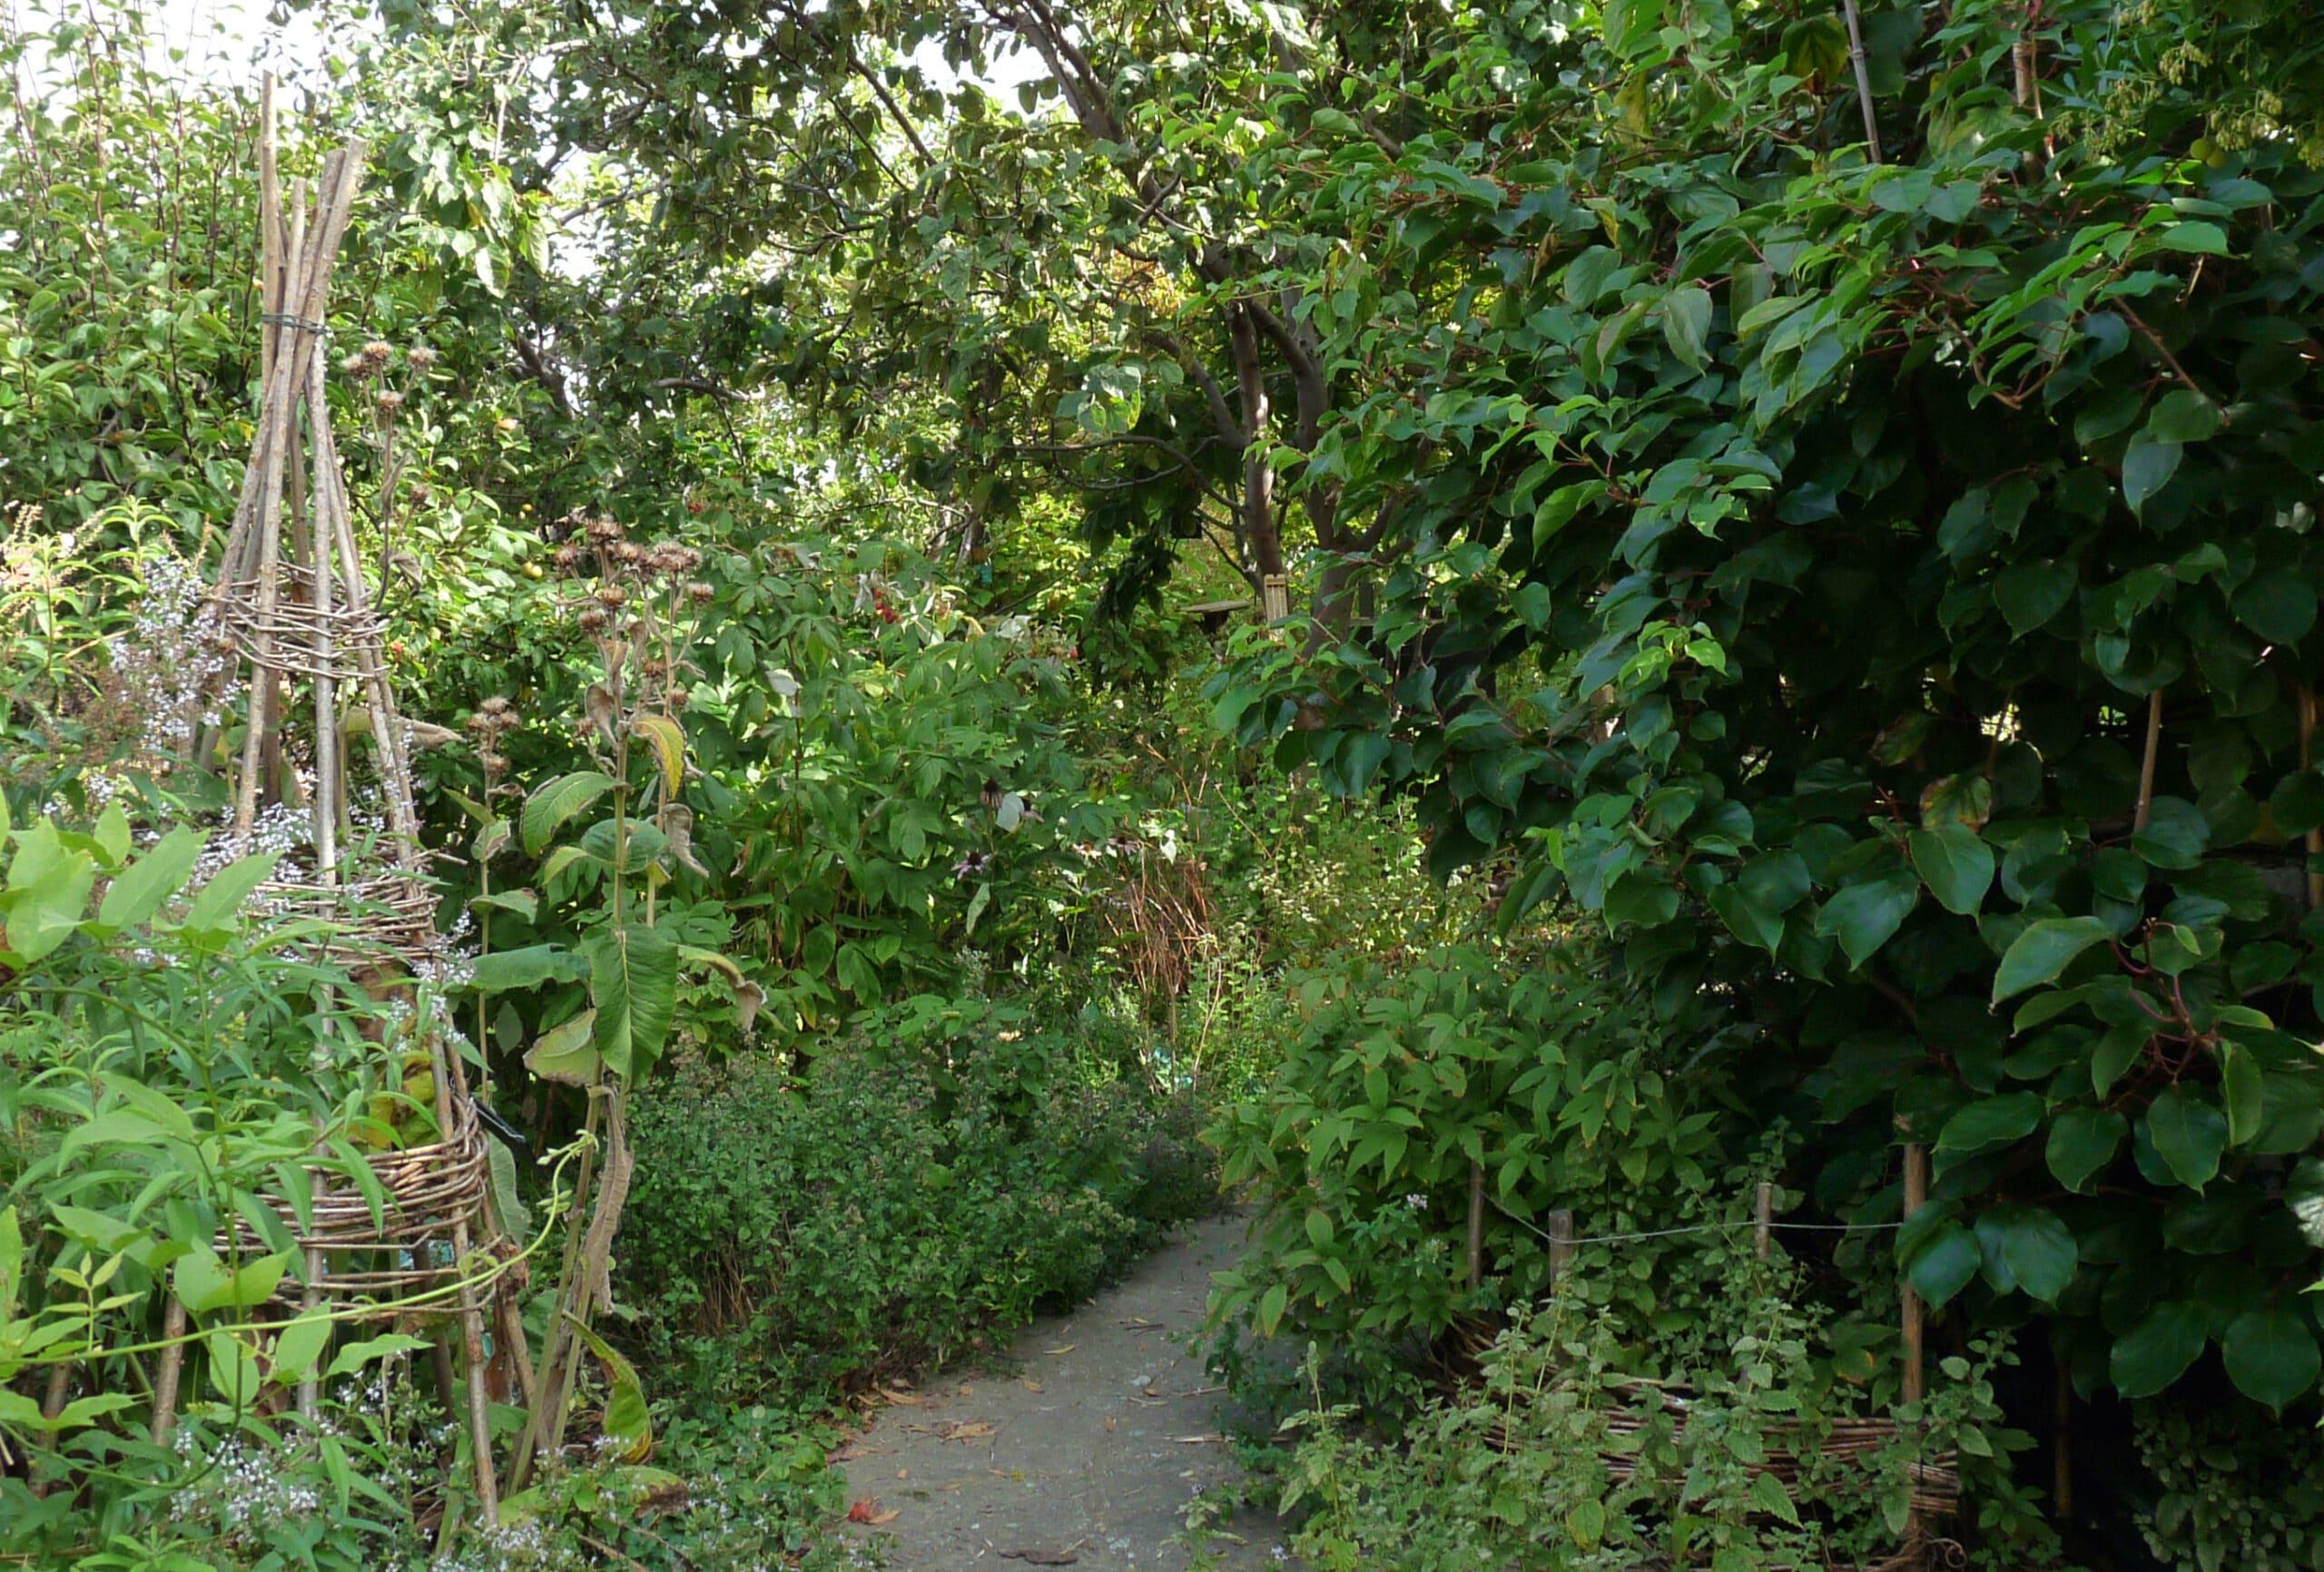 Skovhaver og plantegødning i fremtidens landbrug